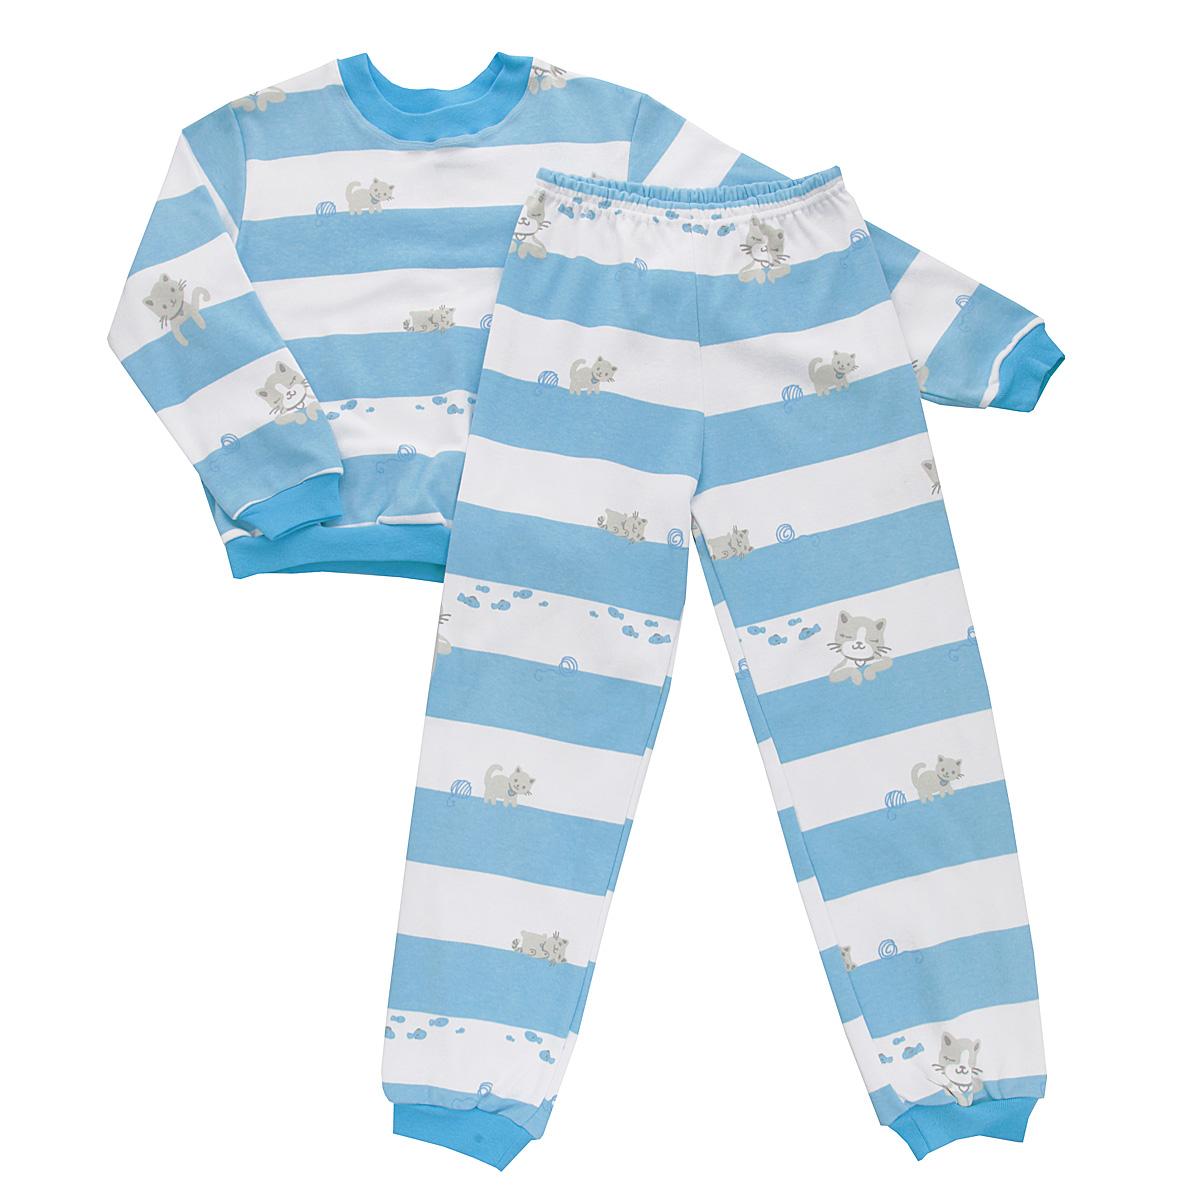 5555_котенок, полоскаУютная детская пижама Трон-плюс, состоящая из джемпера и брюк, идеально подойдет вашему ребенку и станет отличным дополнением к детскому гардеробу. Изготовленная из интерлока, она необычайно мягкая и легкая, не сковывает движения, позволяет коже дышать и не раздражает даже самую нежную и чувствительную кожу ребенка. Трикотажный джемпер с длинными рукавами имеет круглый вырез горловины. Низ изделия, рукава и вырез горловины дополнены эластичной трикотажной резинкой контрастного цвета. Брюки на талии имеют эластичную резинку, благодаря чему не сдавливают живот ребенка и не сползают. Низ брючин дополнен широкими эластичными манжетами контрастного цвета. Оформлено изделие оригинальным принтом в широкую полоску и изображениями милого котенка. В такой пижаме ваш ребенок будет чувствовать себя комфортно и уютно во время сна.